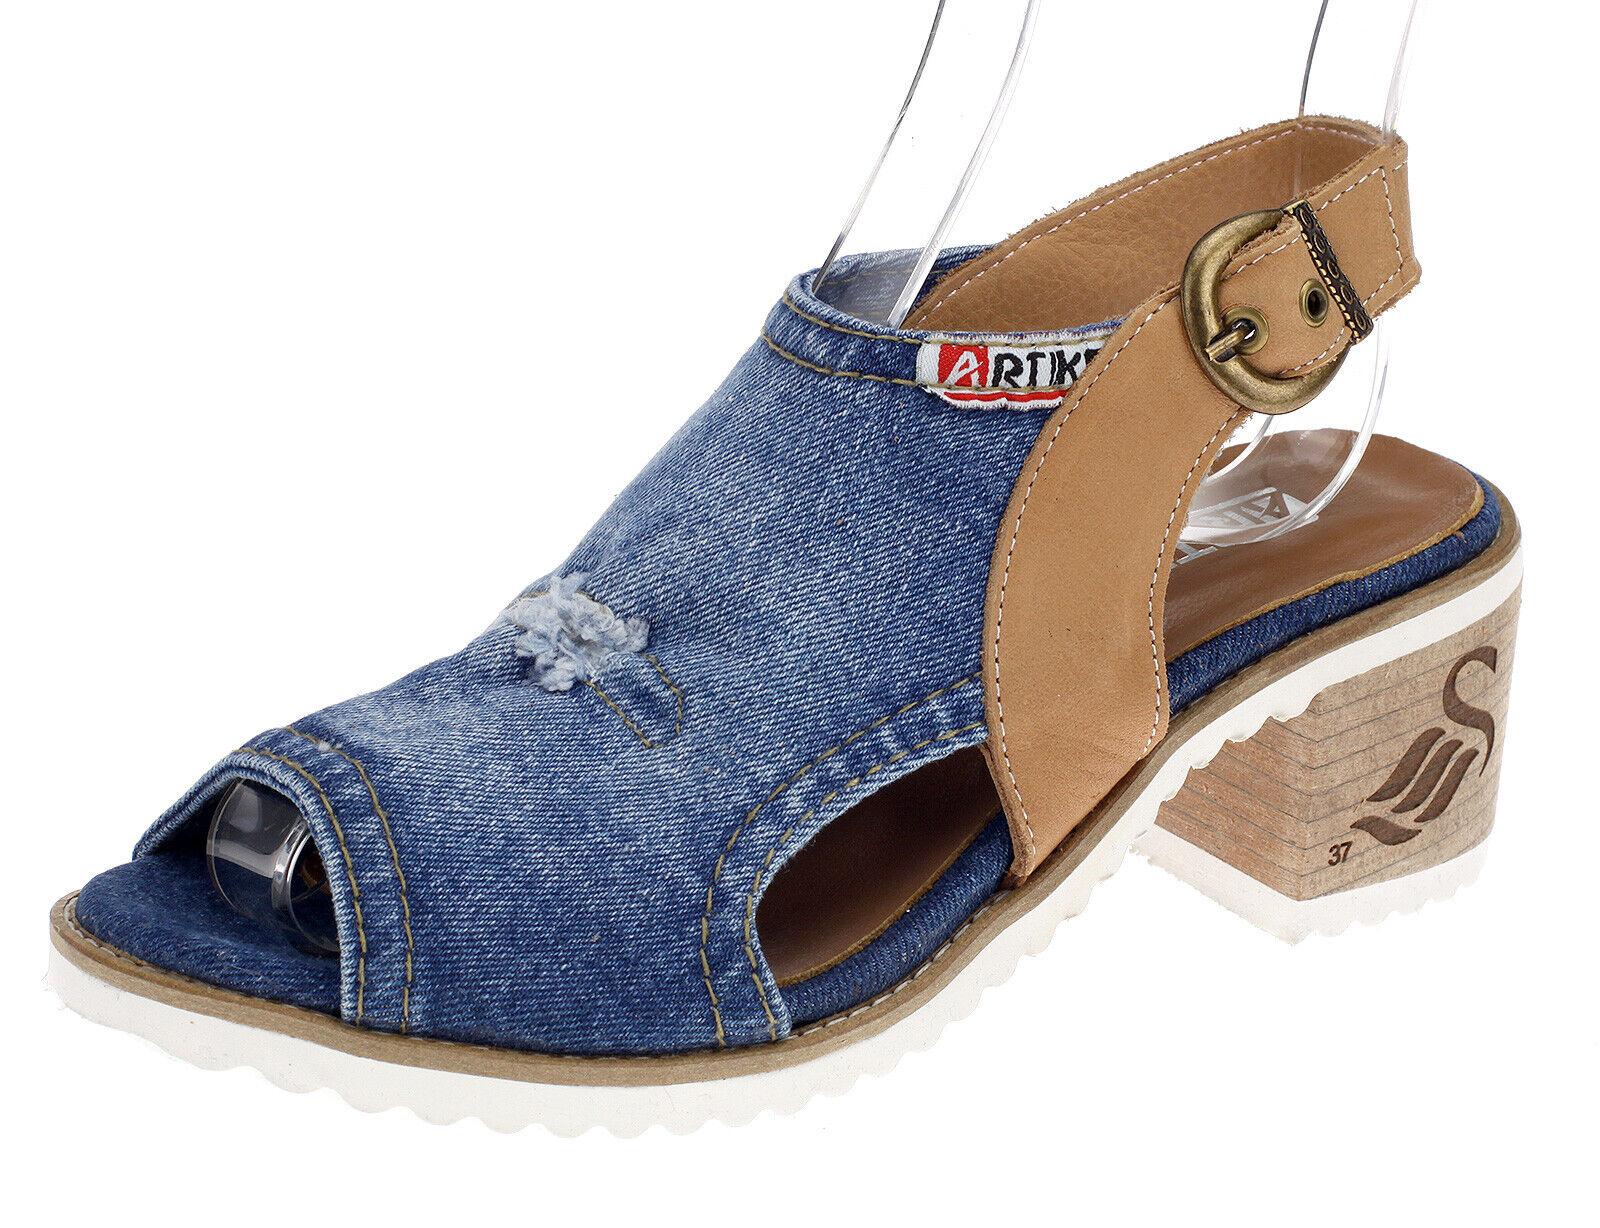 Artiker femmes Sandales Sandales Jeans chaussures d'été loisirs chaussures femmes c131